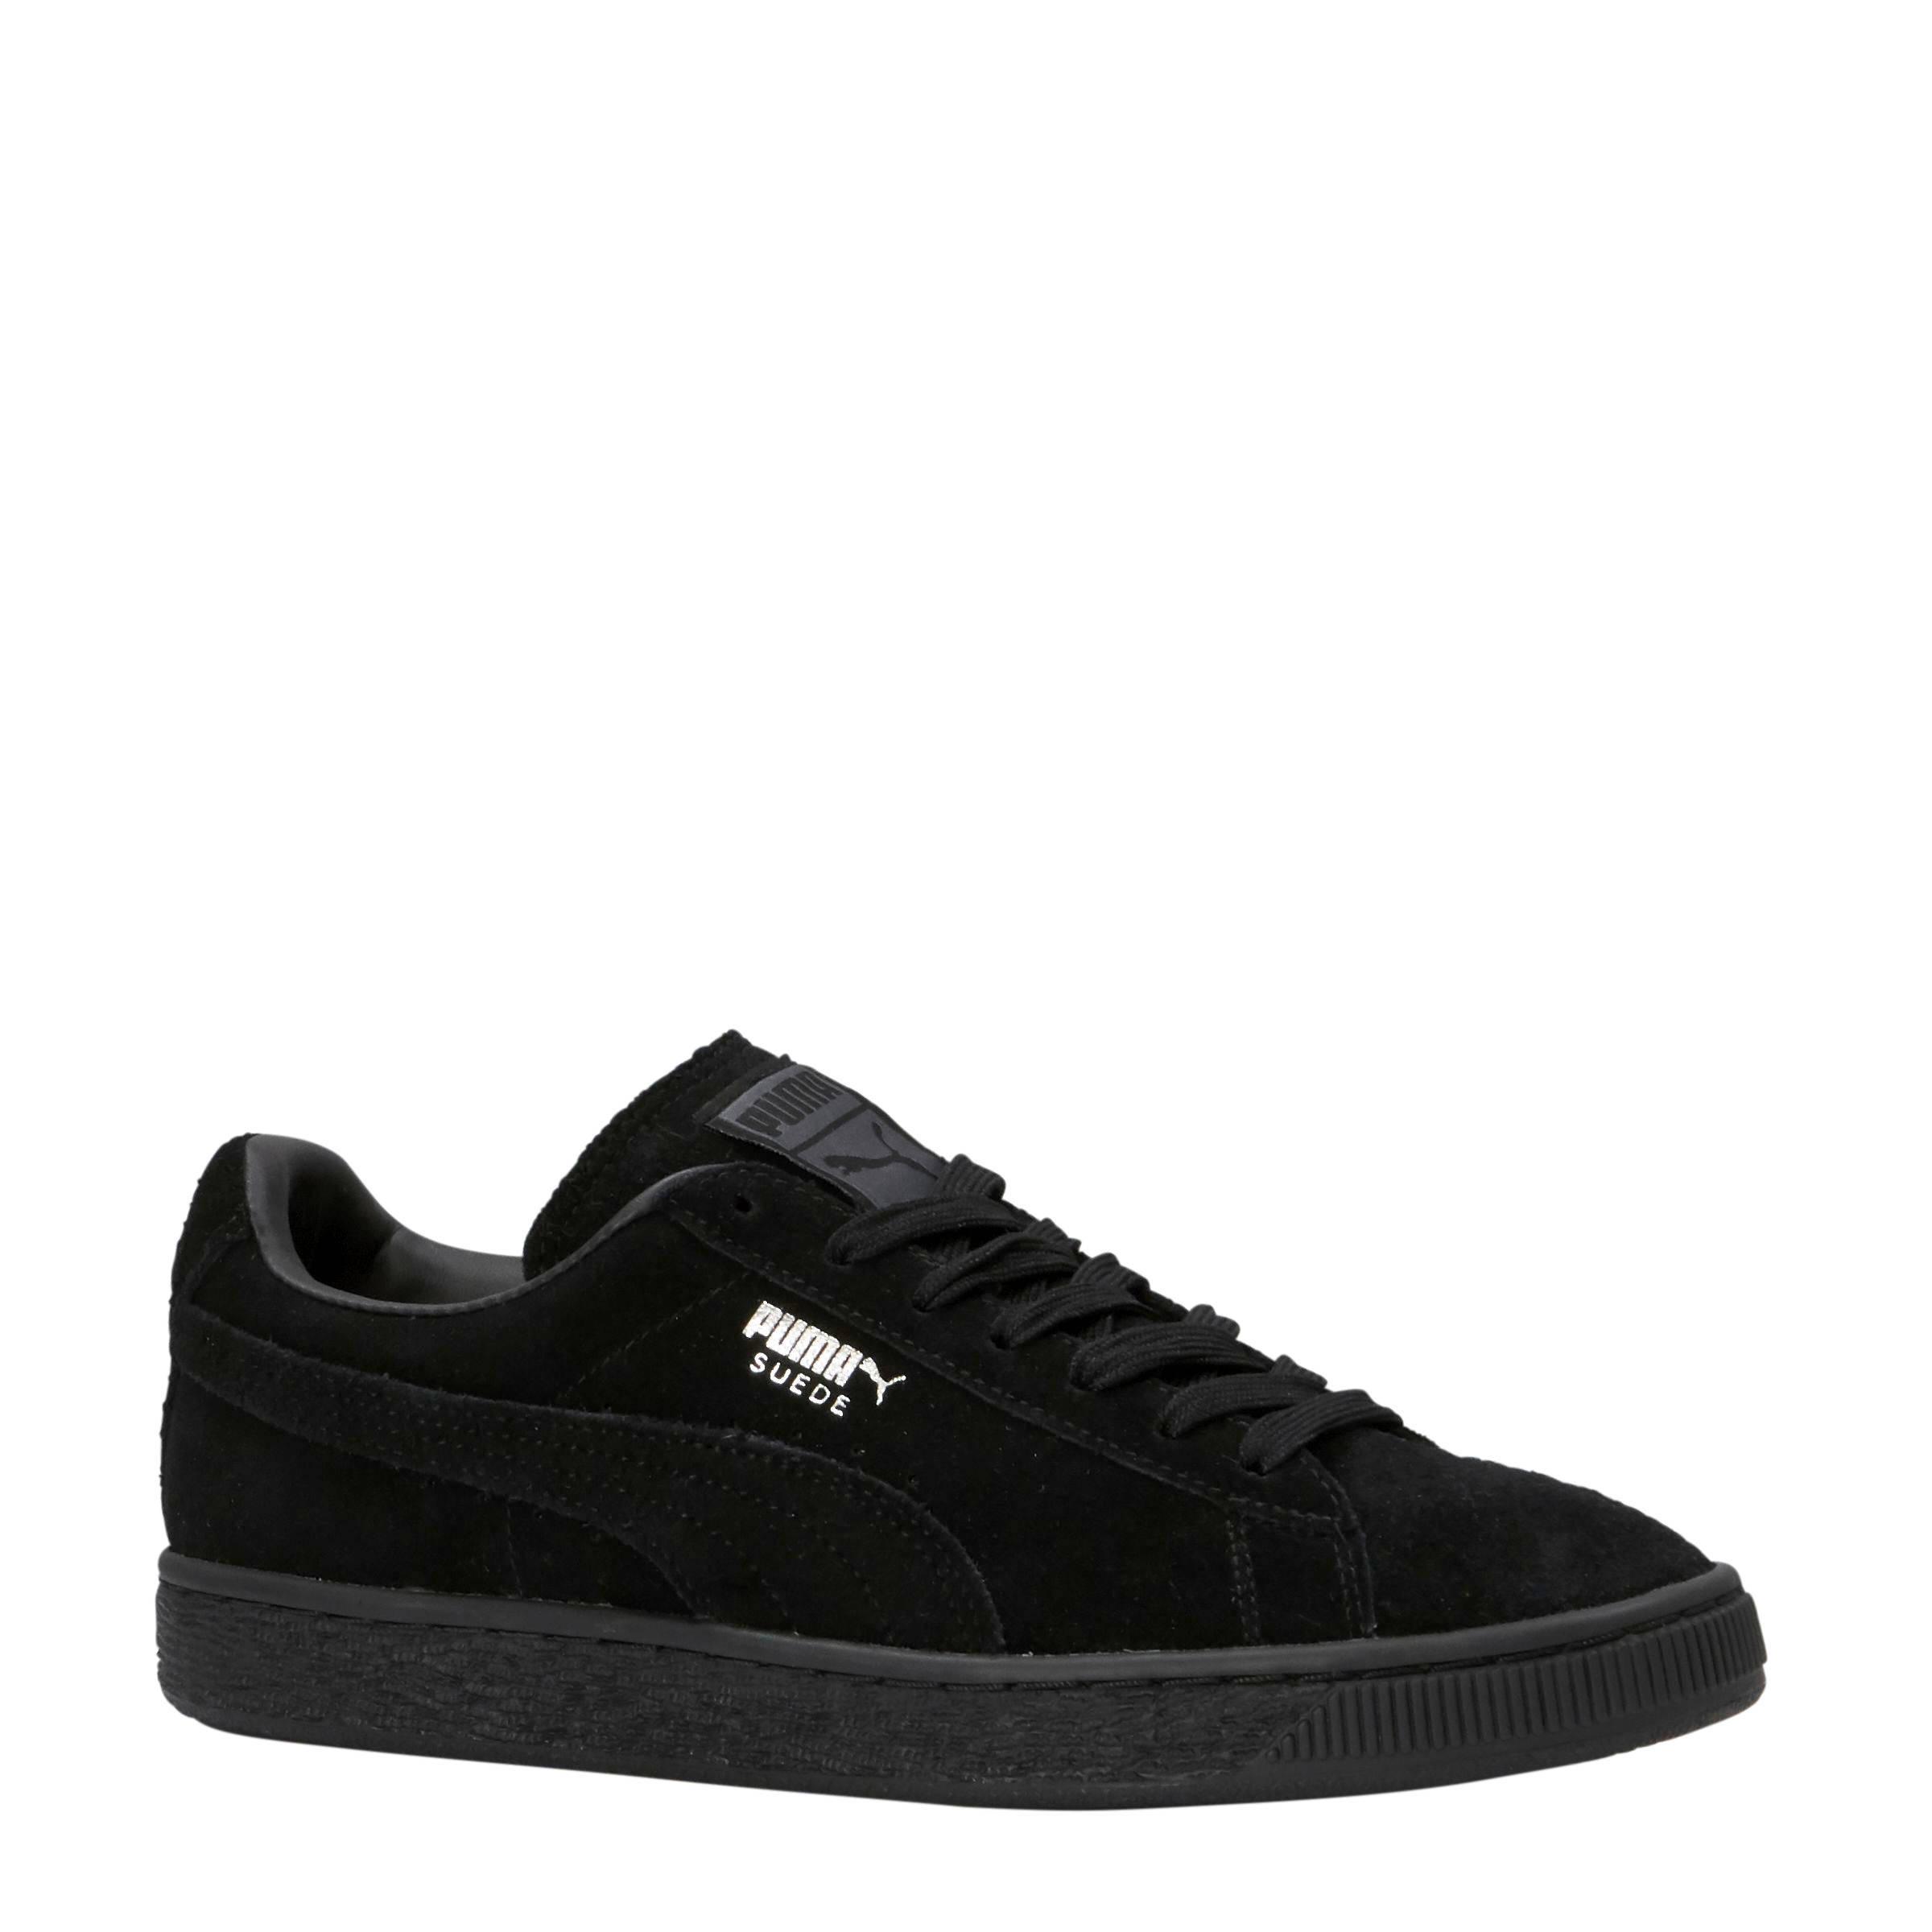 Puma Suede Classic+ sneakers zwart | wehkamp